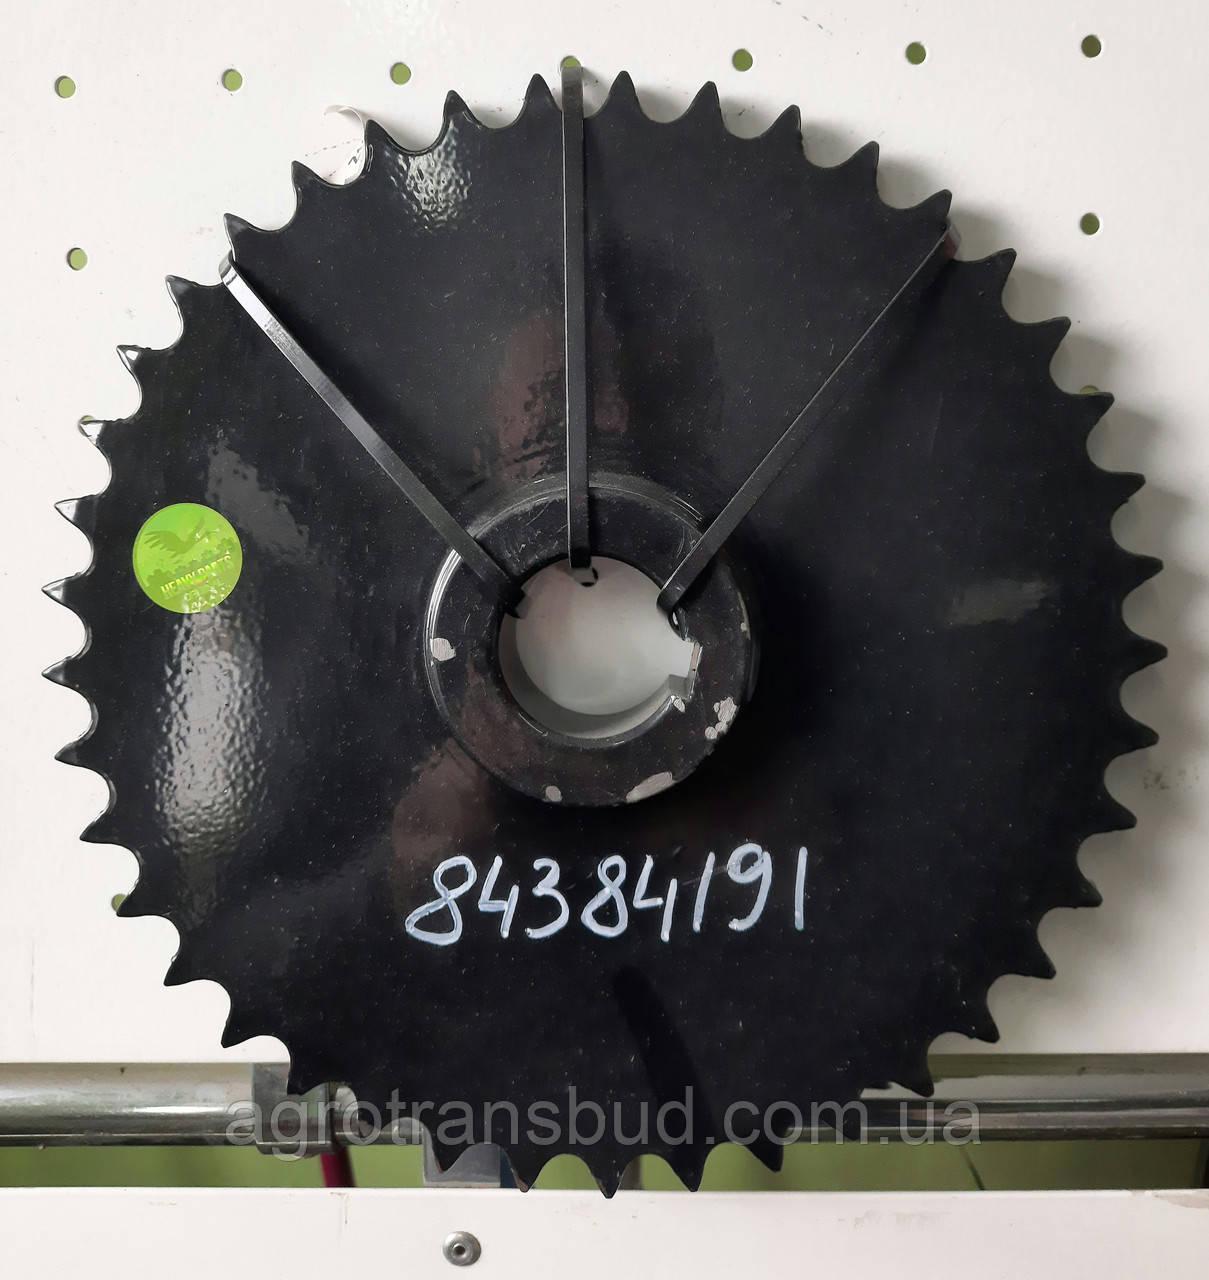 Зірочка Z41 t19.05 d40 CNH